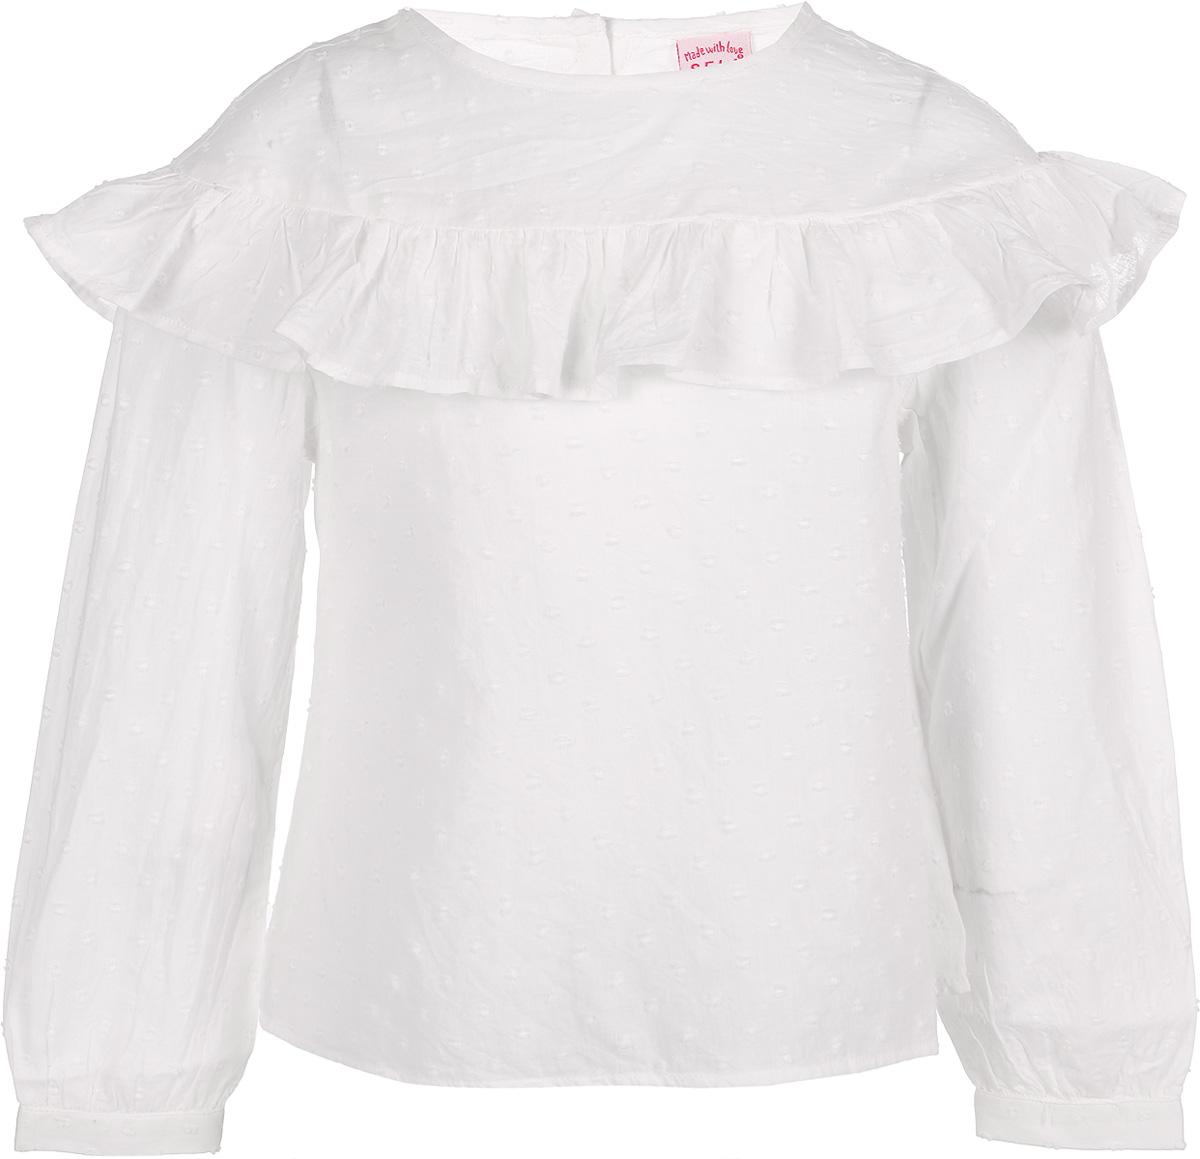 Блузка для девочки Sela, цвет: слоновая кость. Tw-512/278-8112. Размер 116